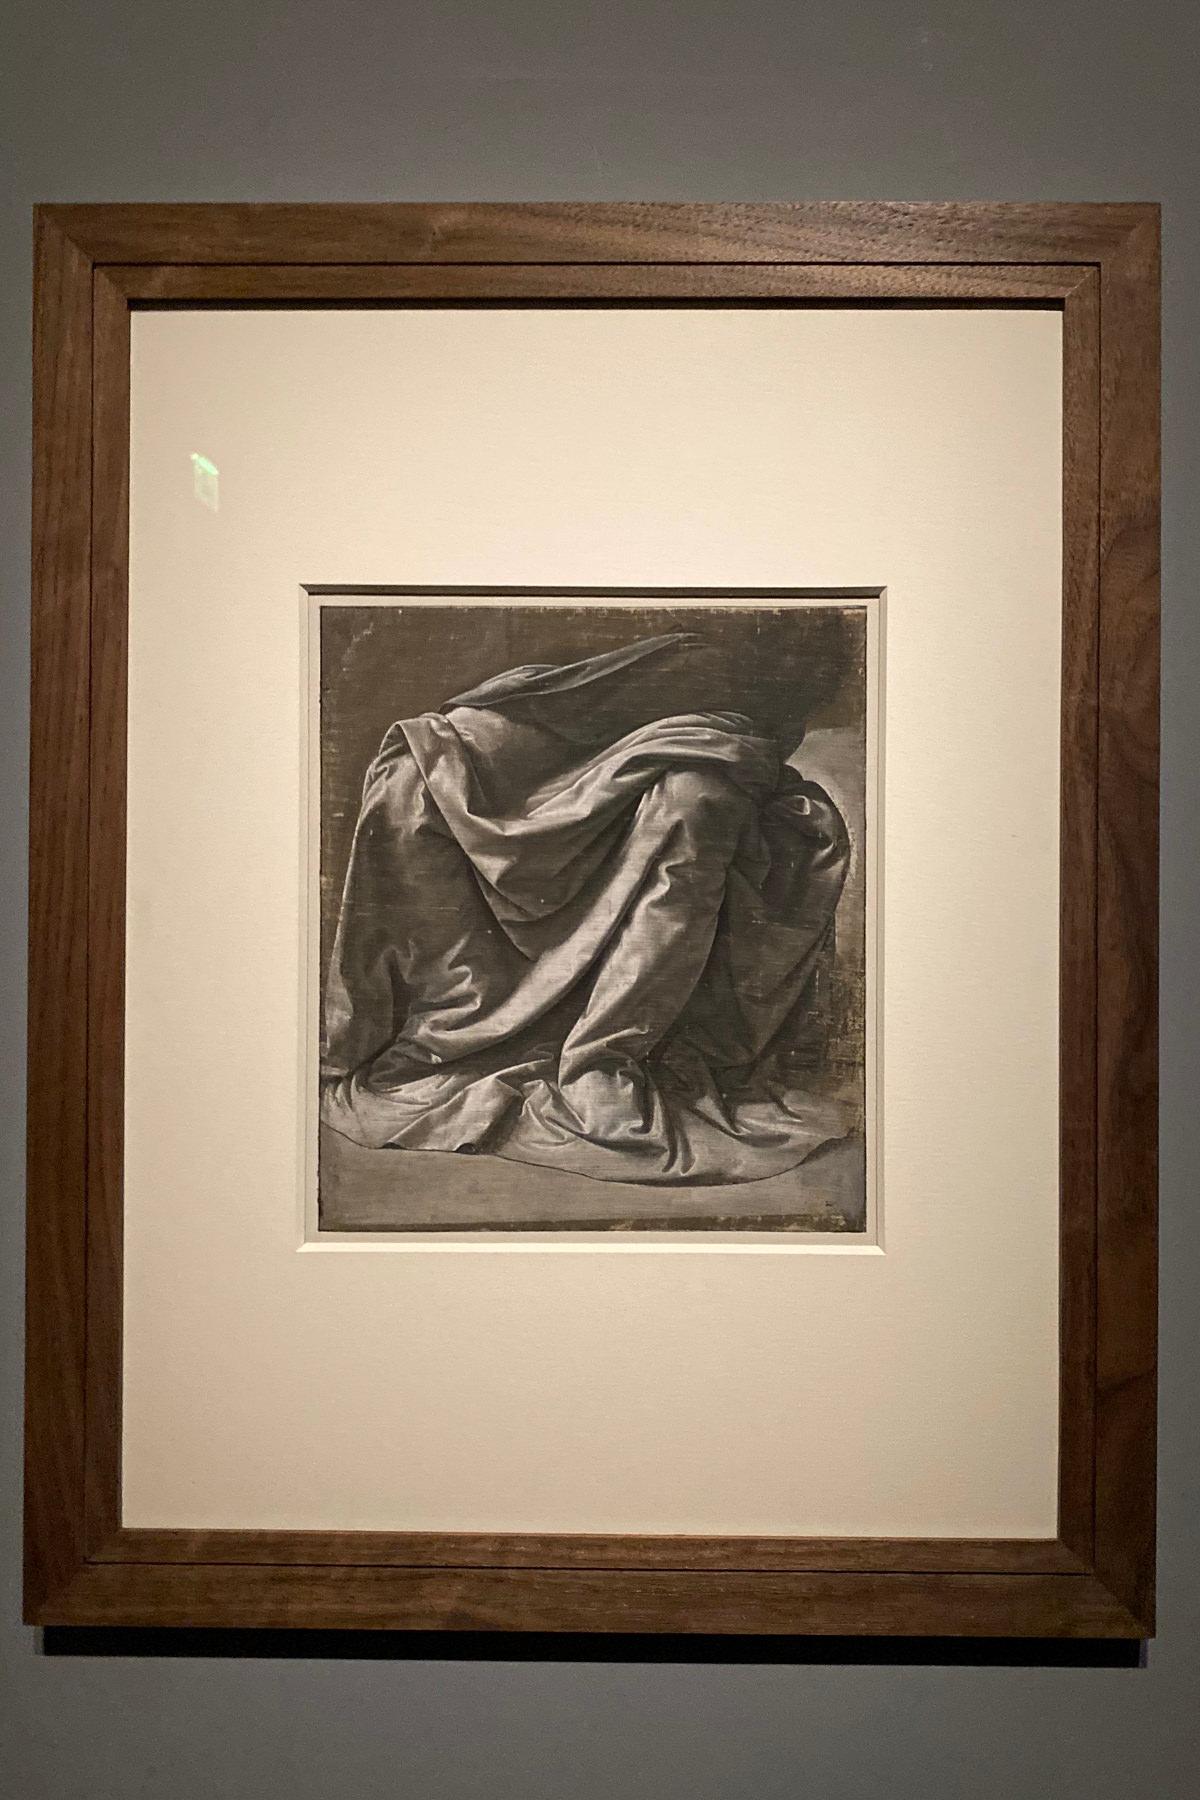 Leonardo da Vinci Exhibition in the Louvre Museum: Draperie Jabach I